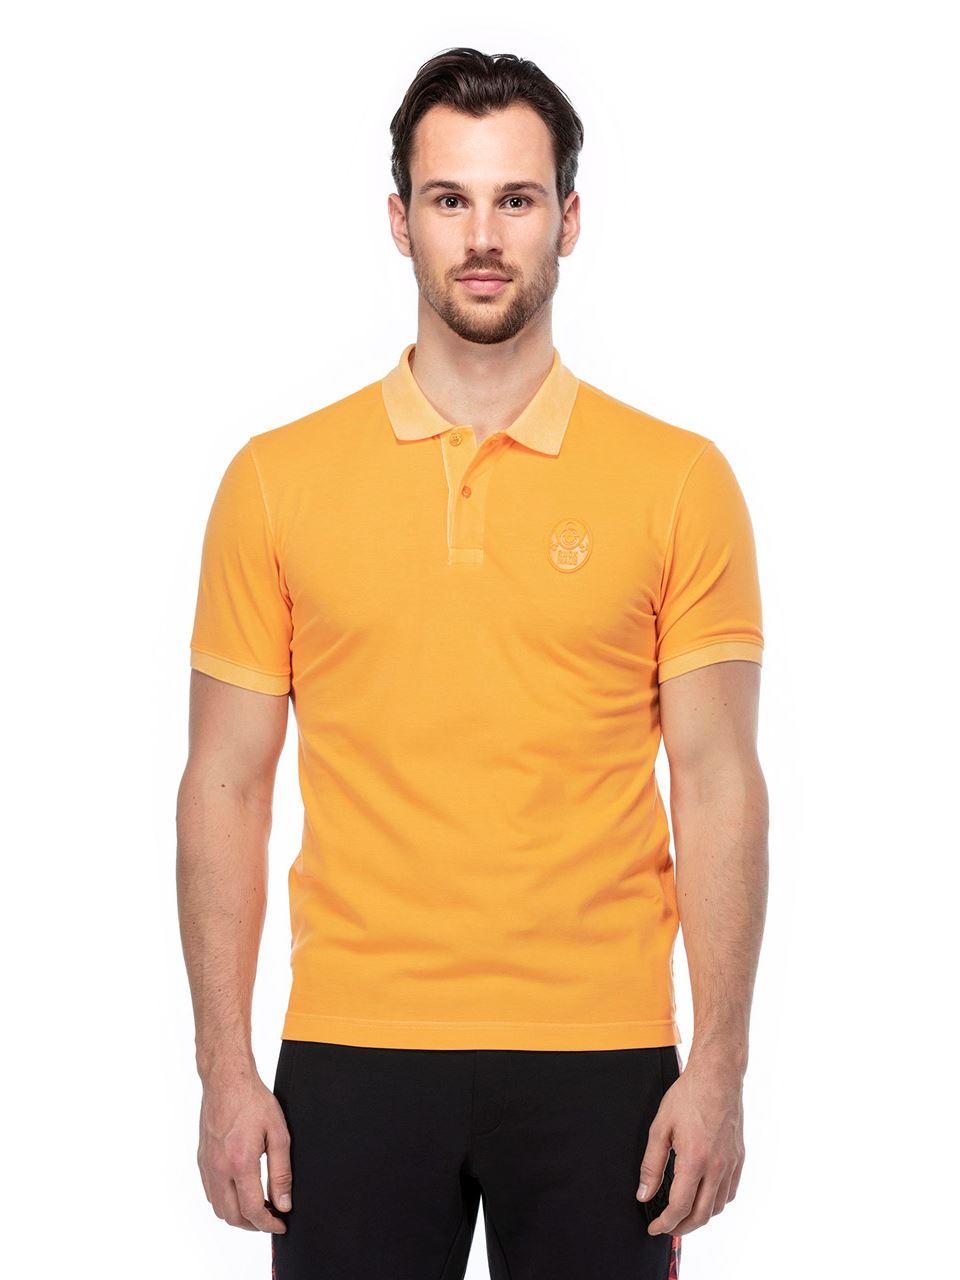 Ruck & Maul Erkek Polo T-shirt 21150